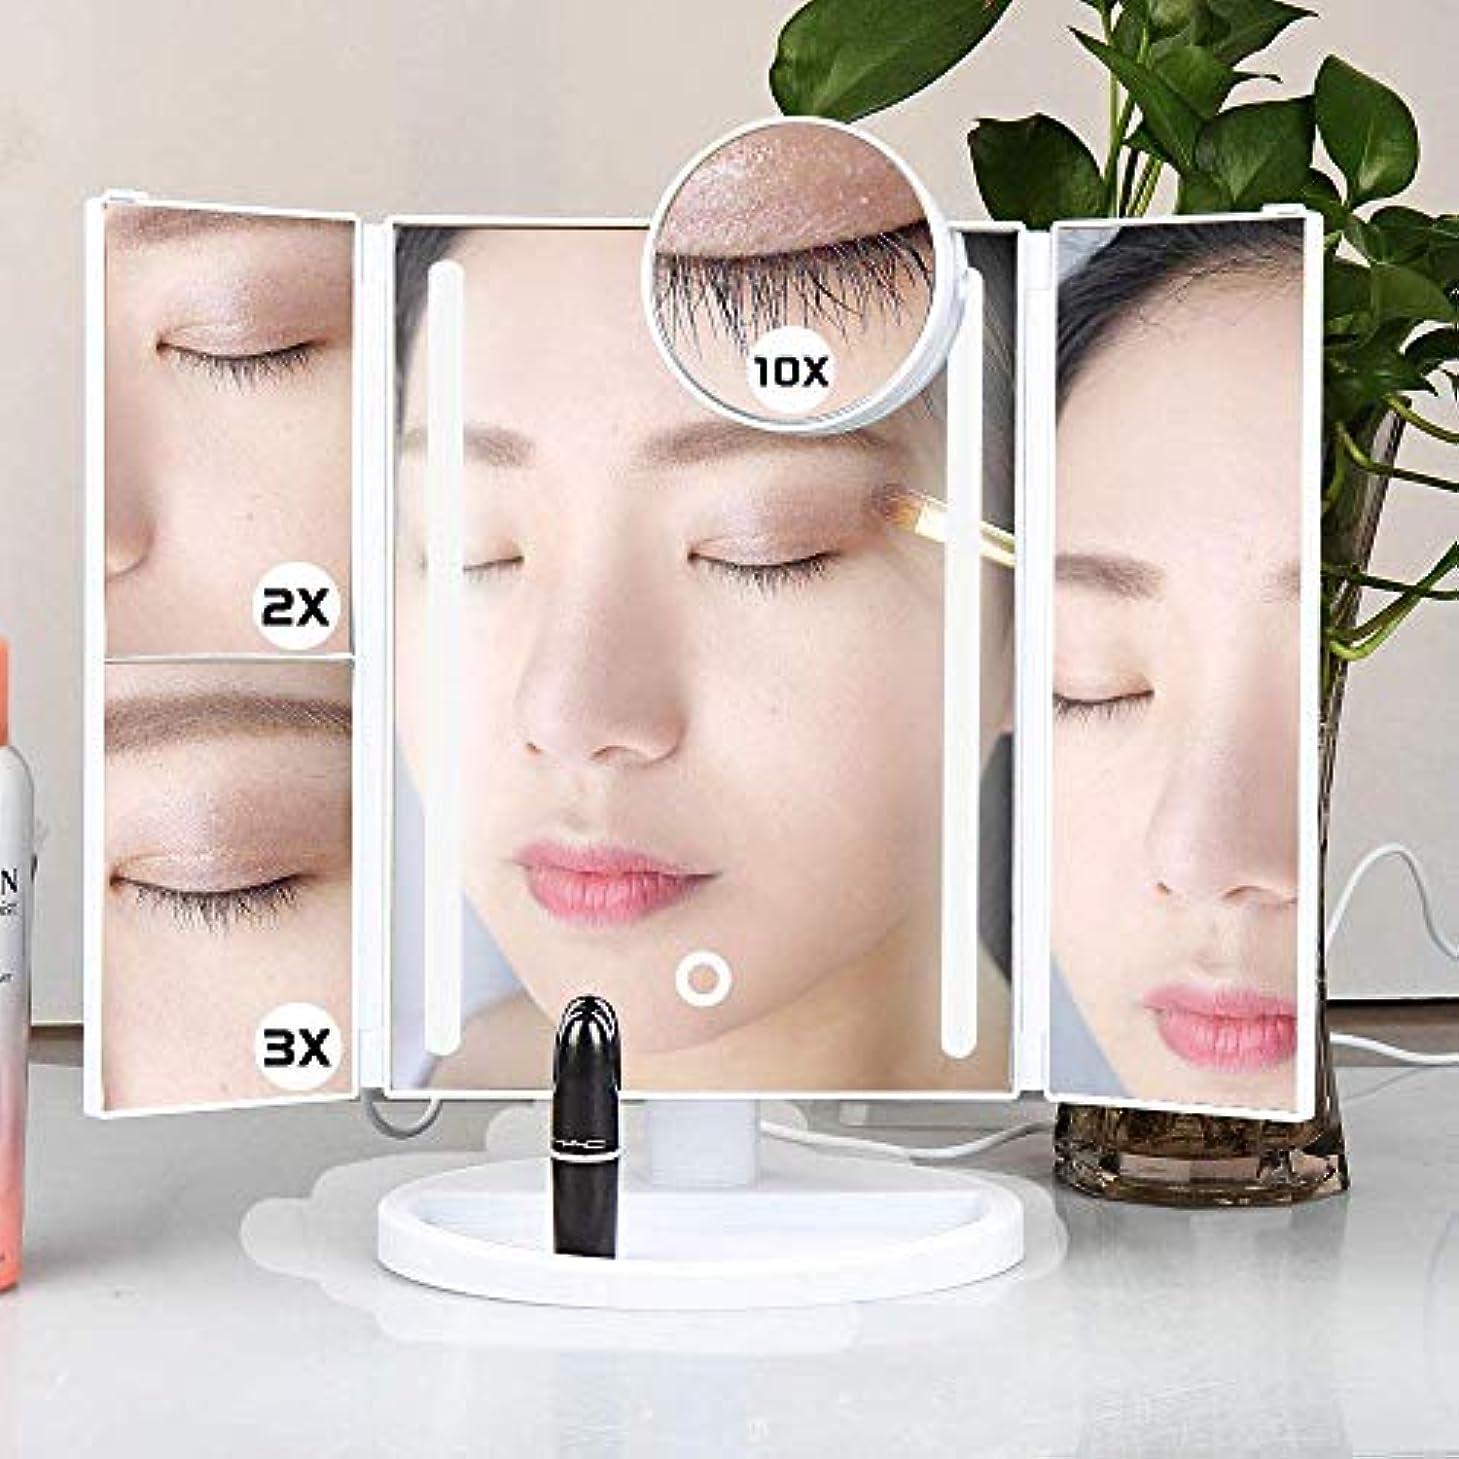 人工的な受信カンガルーArc Light 化粧鏡 女優ミラー 化粧ミラー 鏡 led付き 卓上鏡 三面鏡 折りたたみ 拡大鏡付き 2倍/3倍/10倍 明るさ調節可能 180°回転 単三電池/USB 2WAY給電 一年保証 (白い)